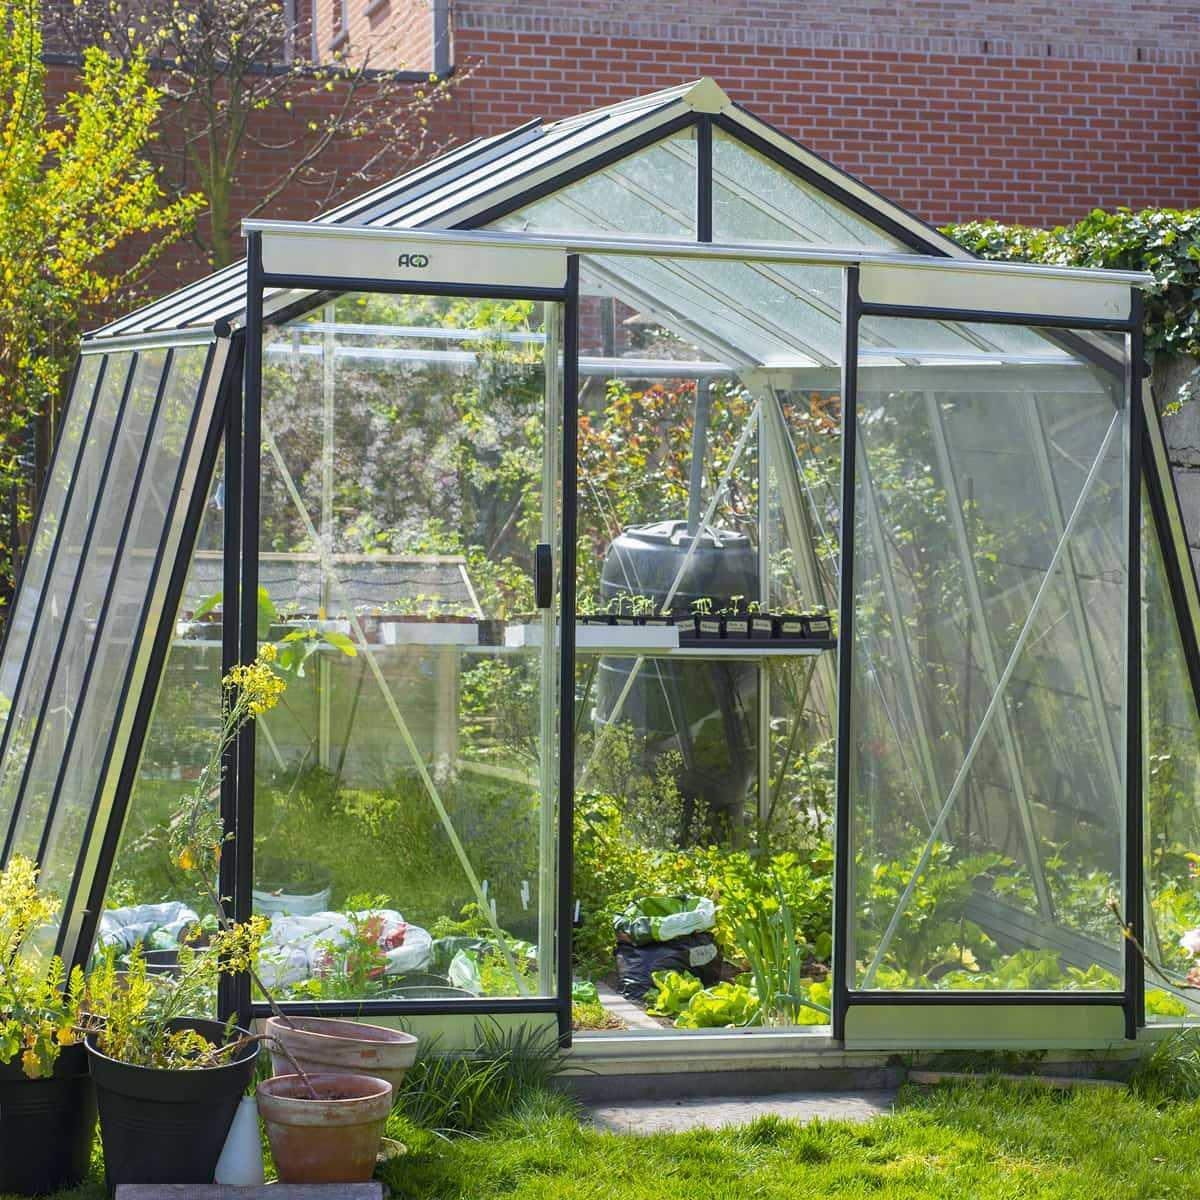 Serre De Jardin Prestige 9.12M2 Paroi Oblique S104H, Vente destiné Serre De Jardin Adossée